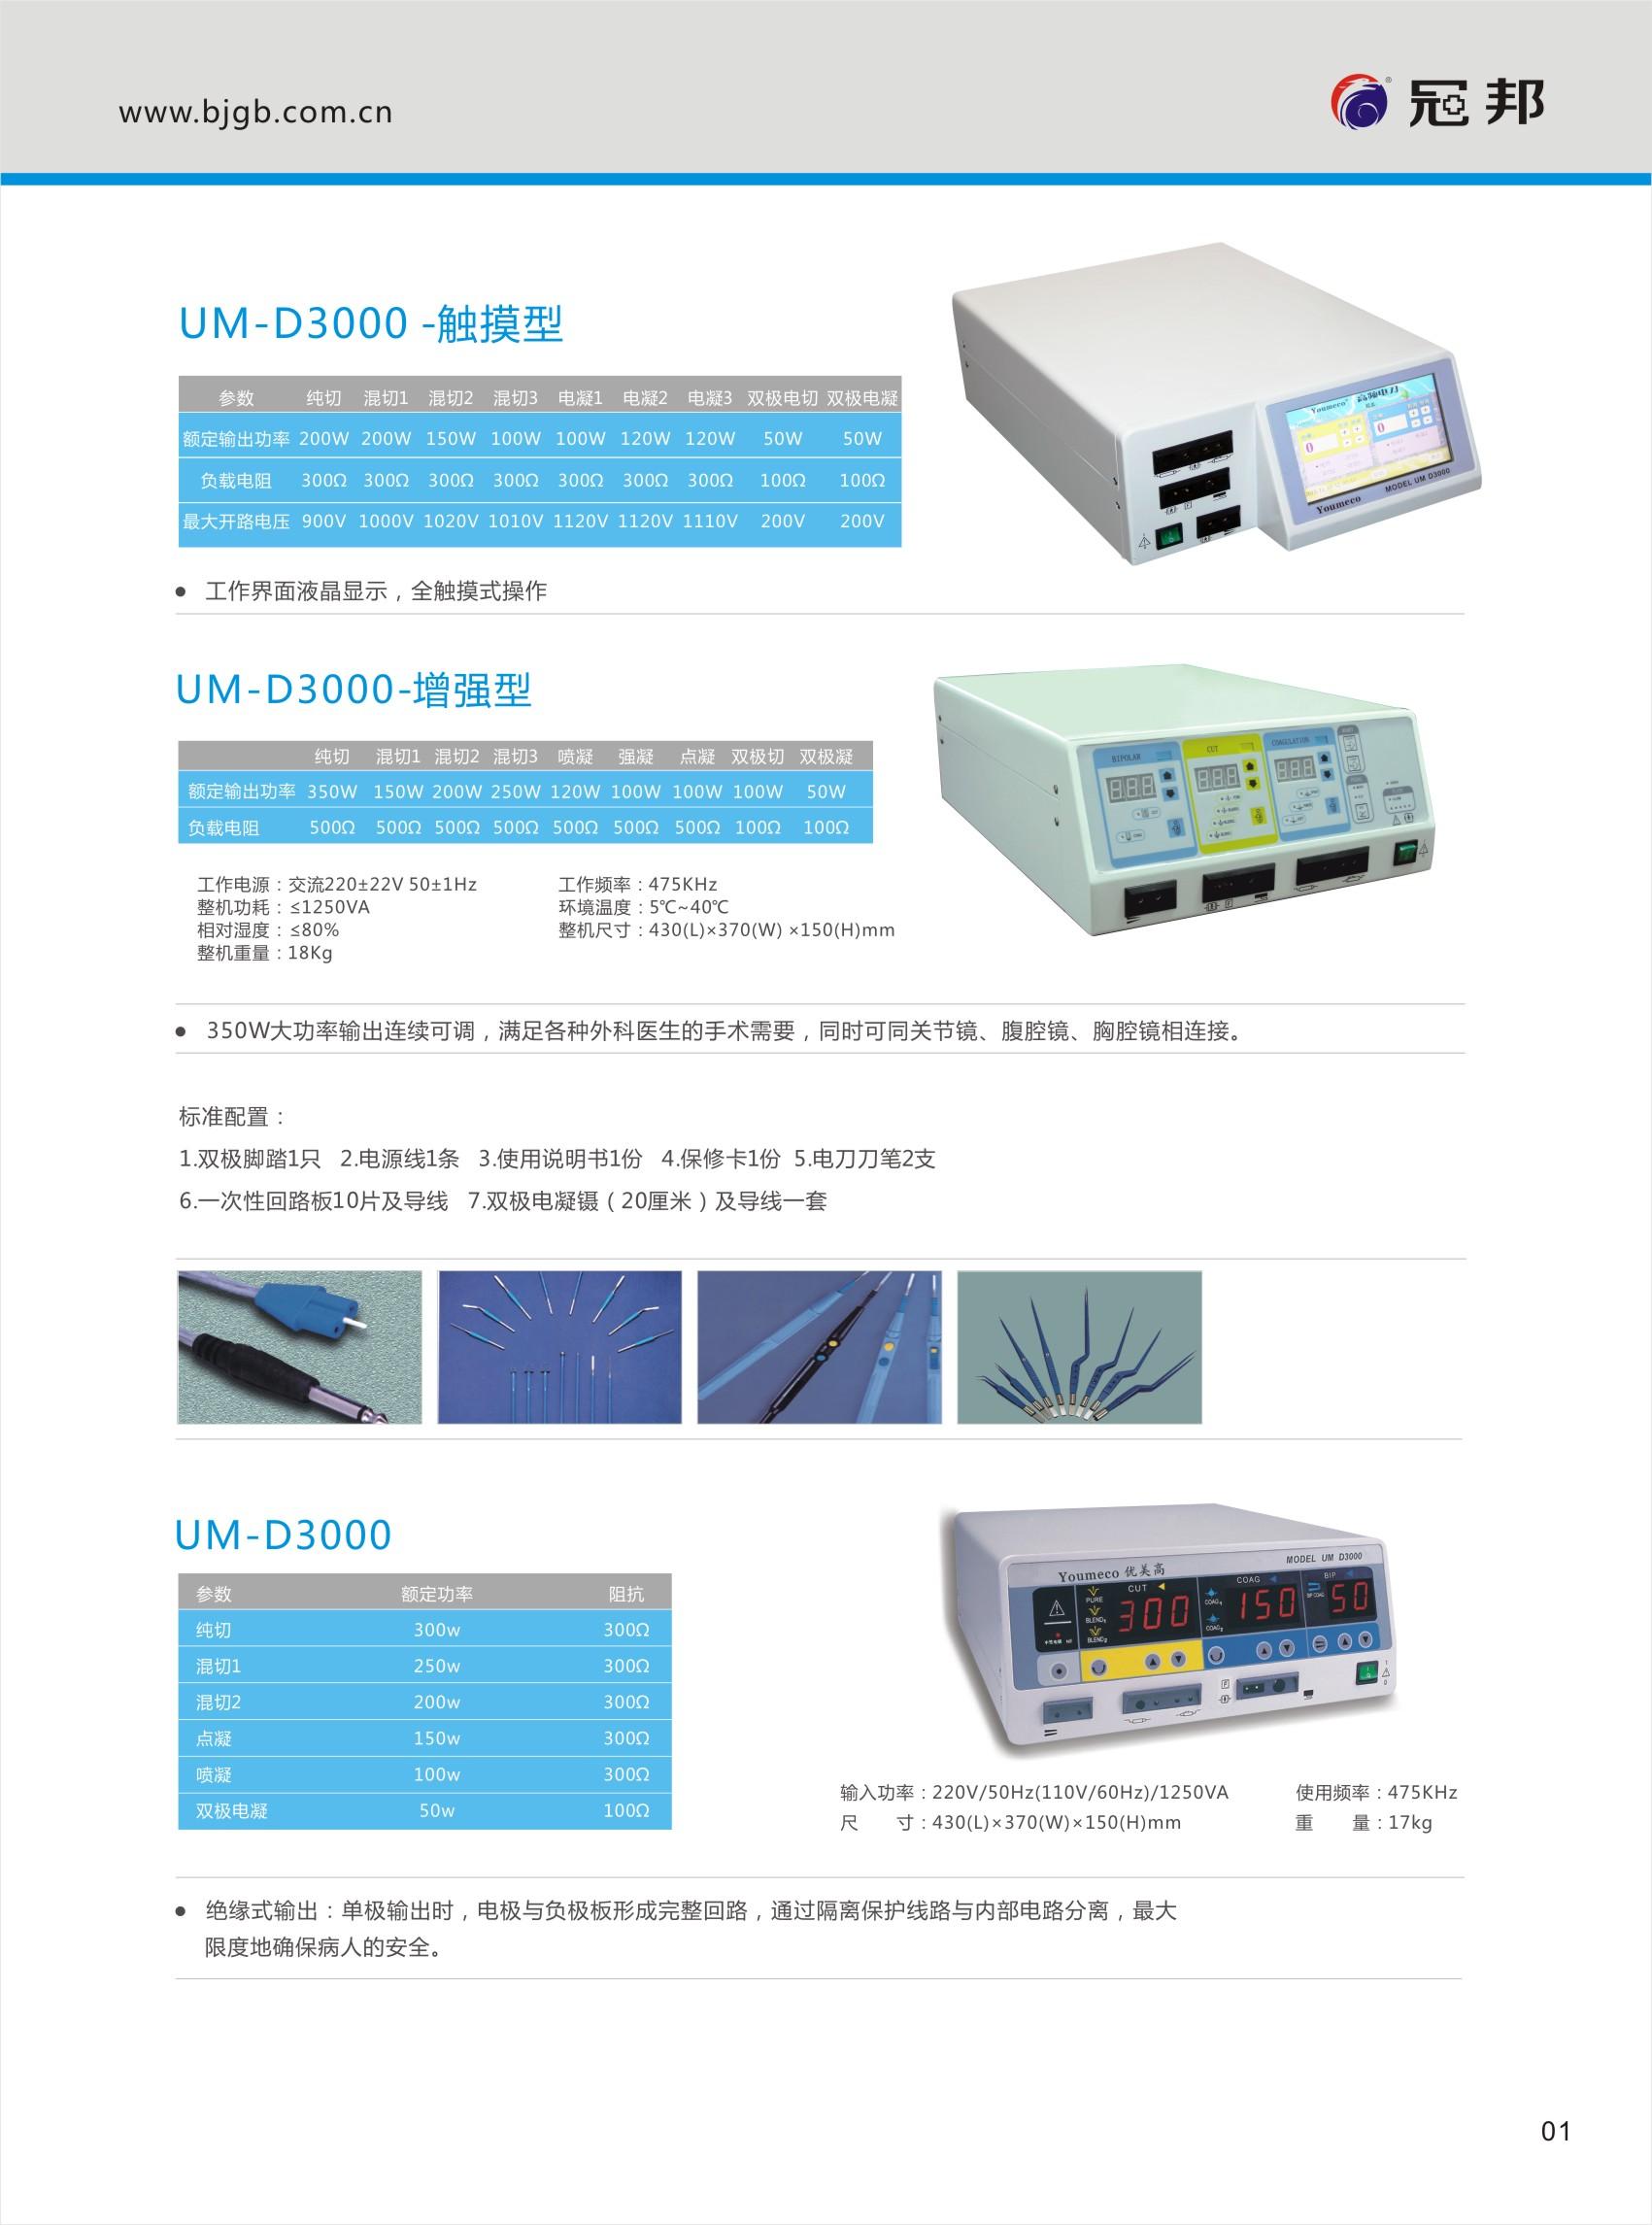 北京优美高高频电刀UM-D3000增强型